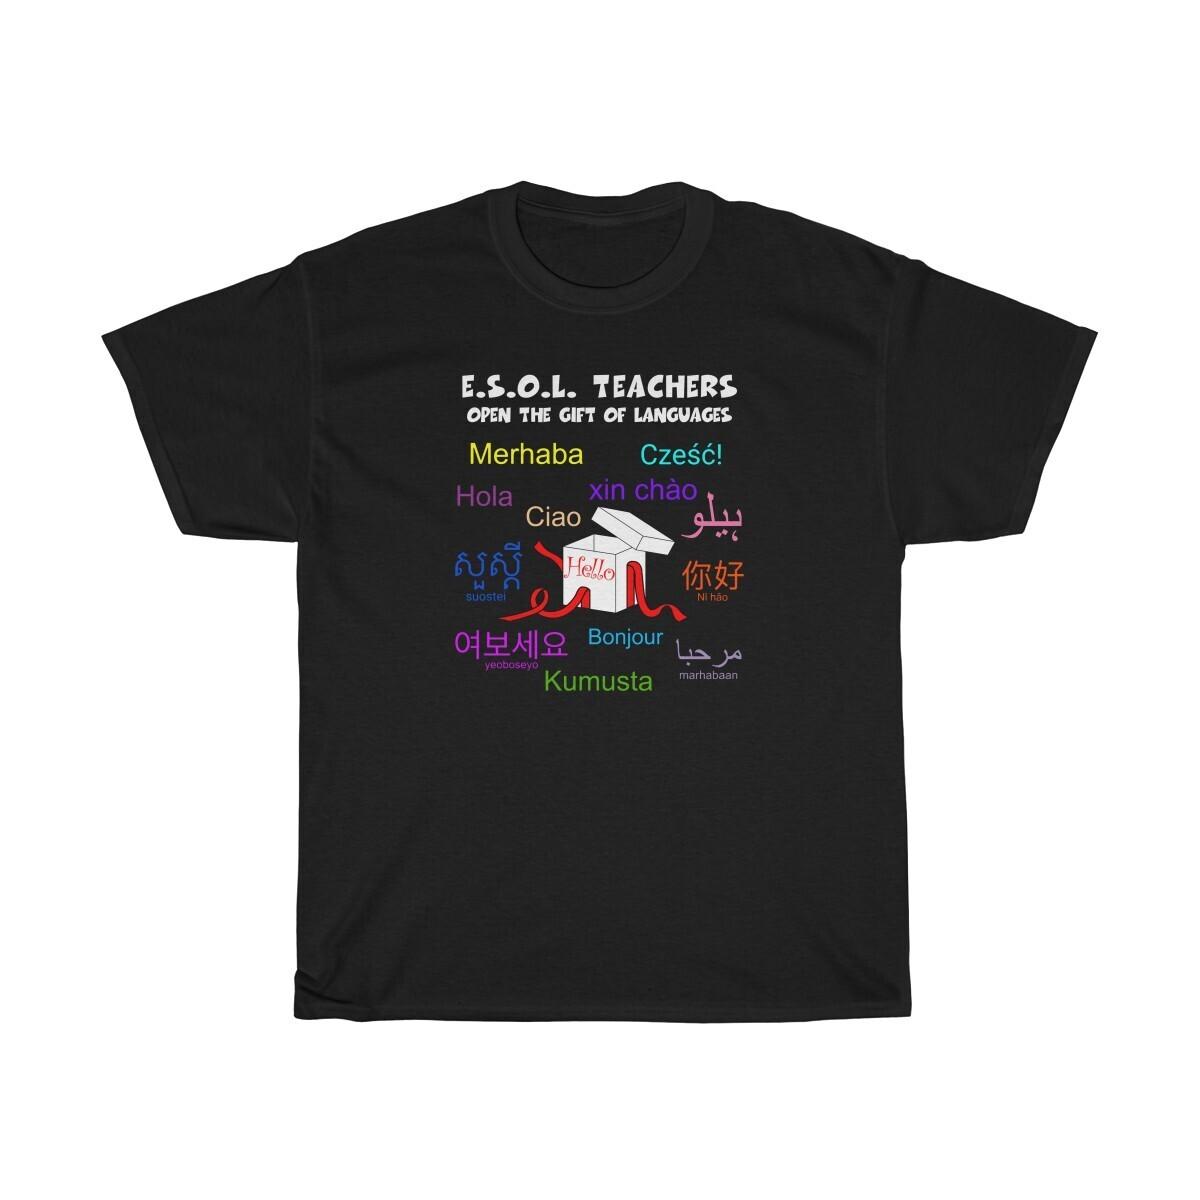 *E.S.O.L. Teachers - 5000